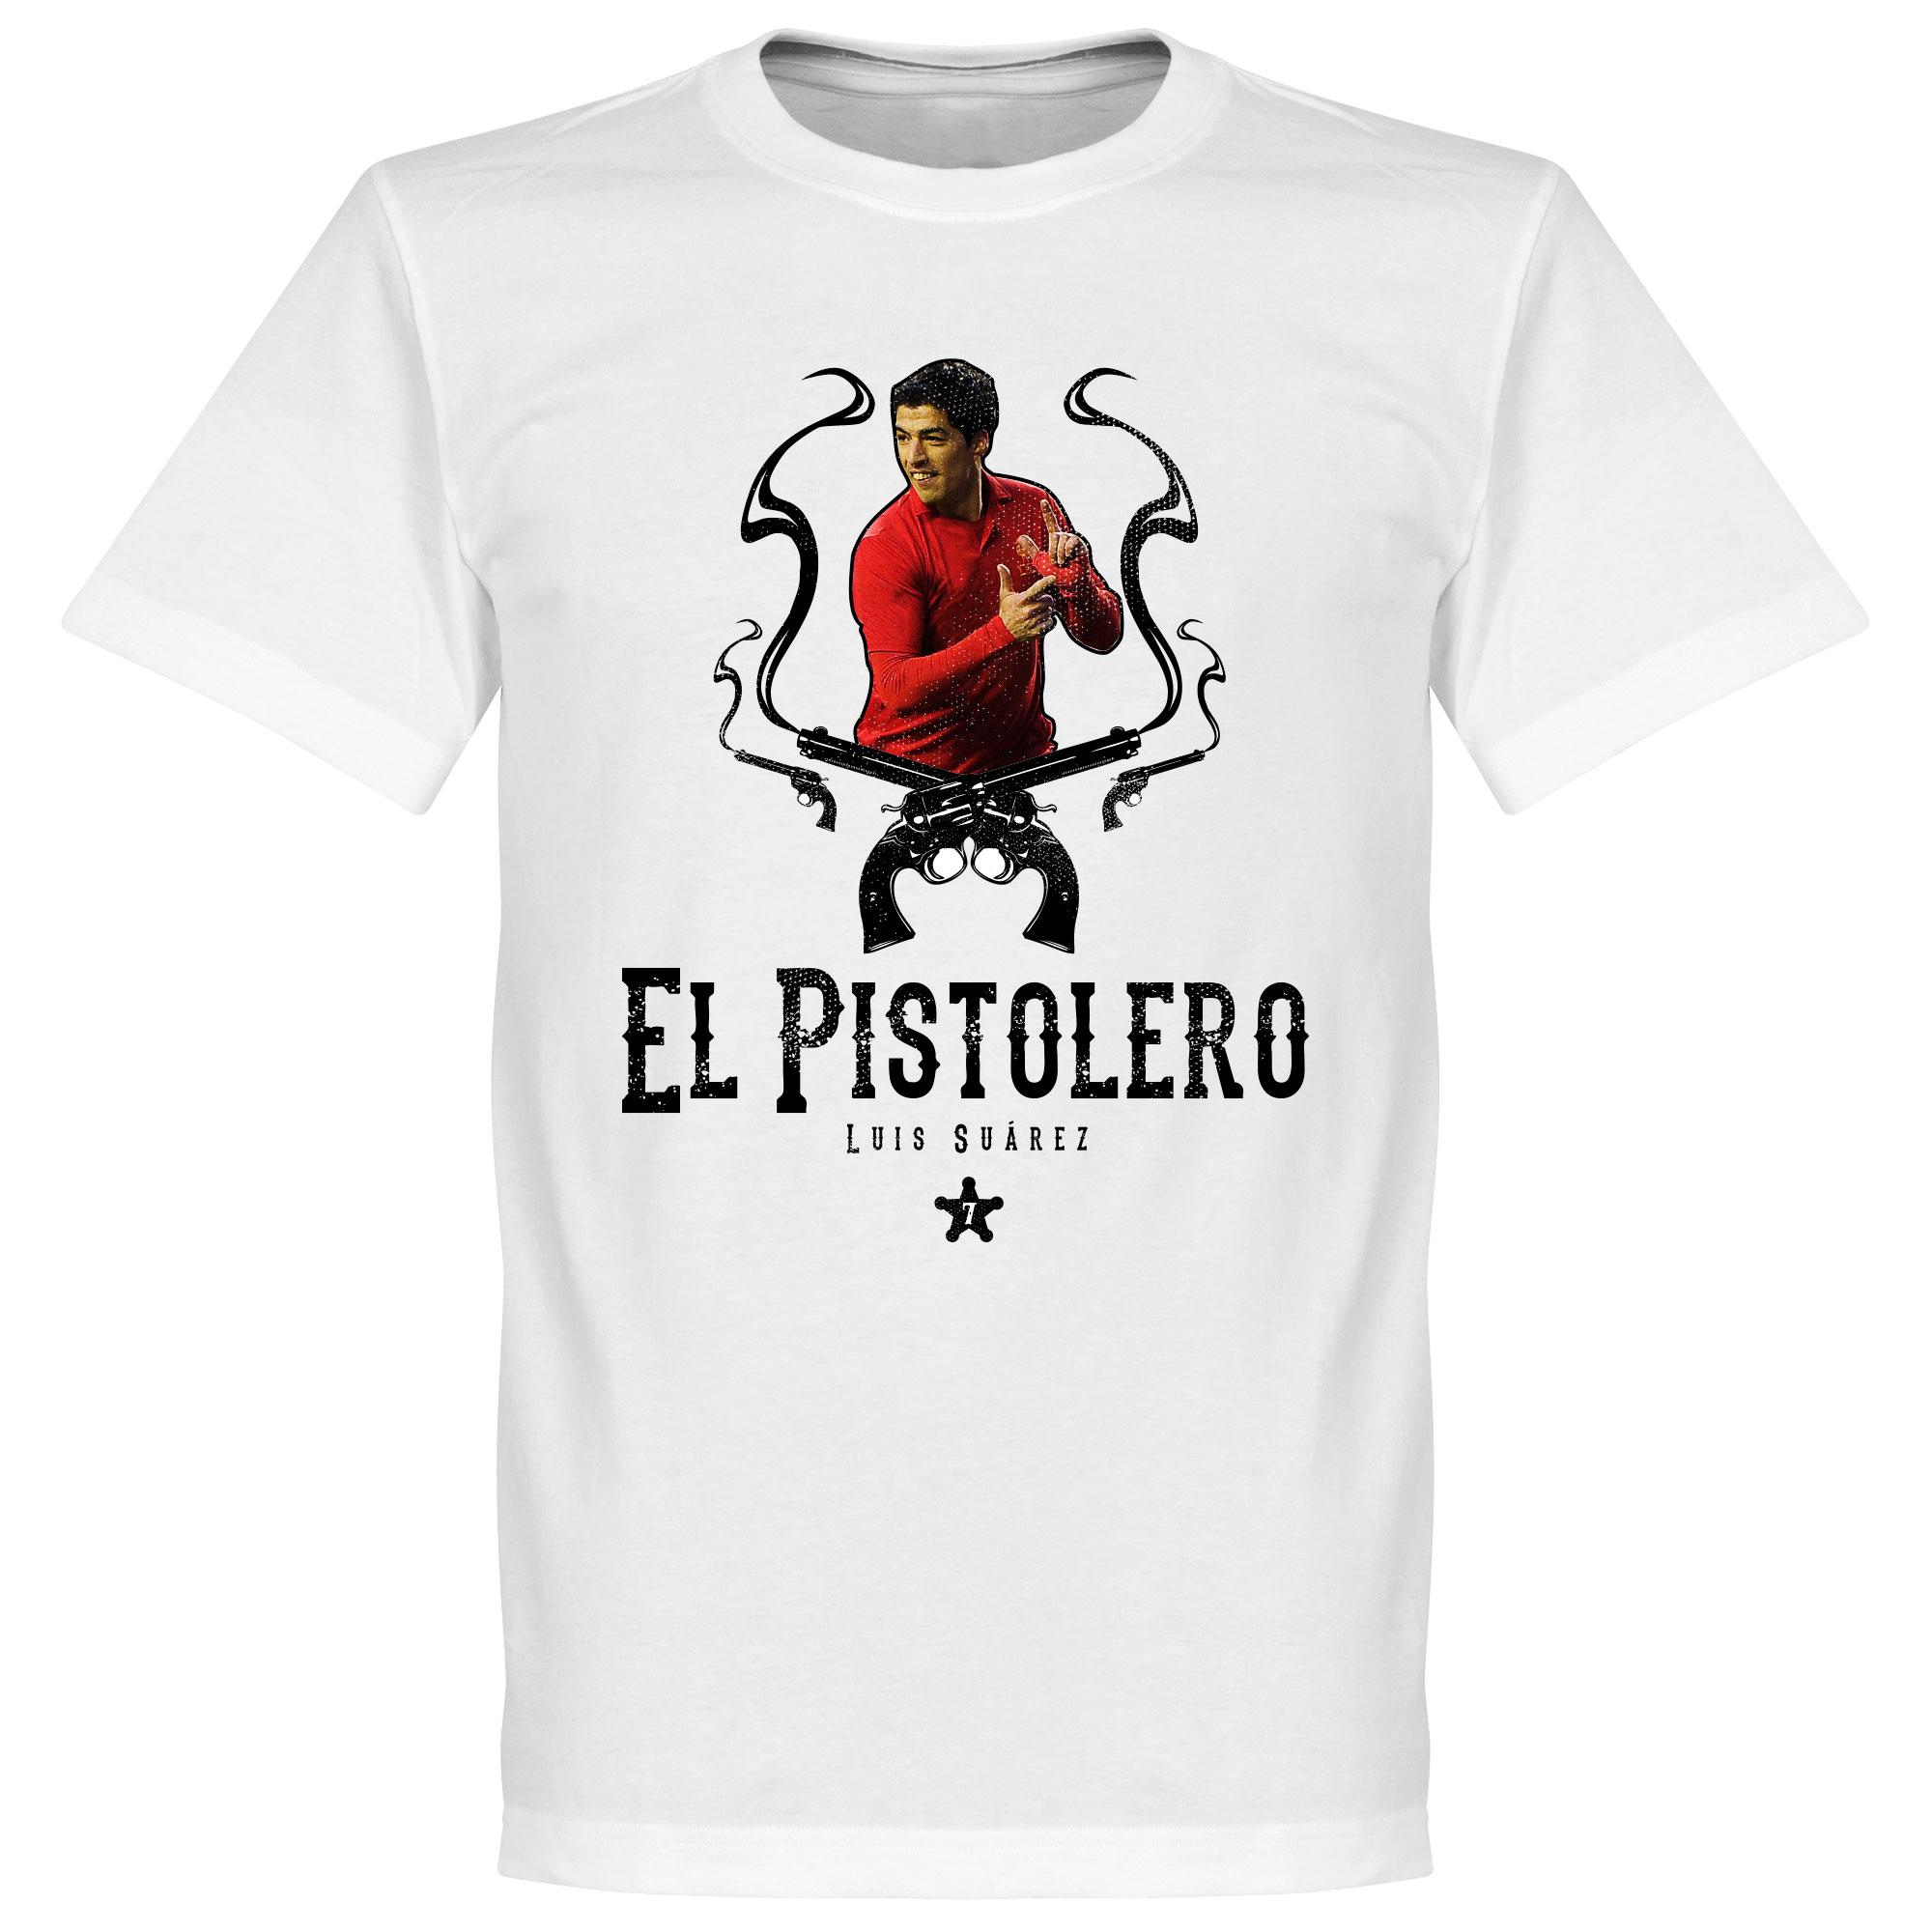 El Pistolero Luis Suarez Liverpool Kids Tee - 3-4YRS